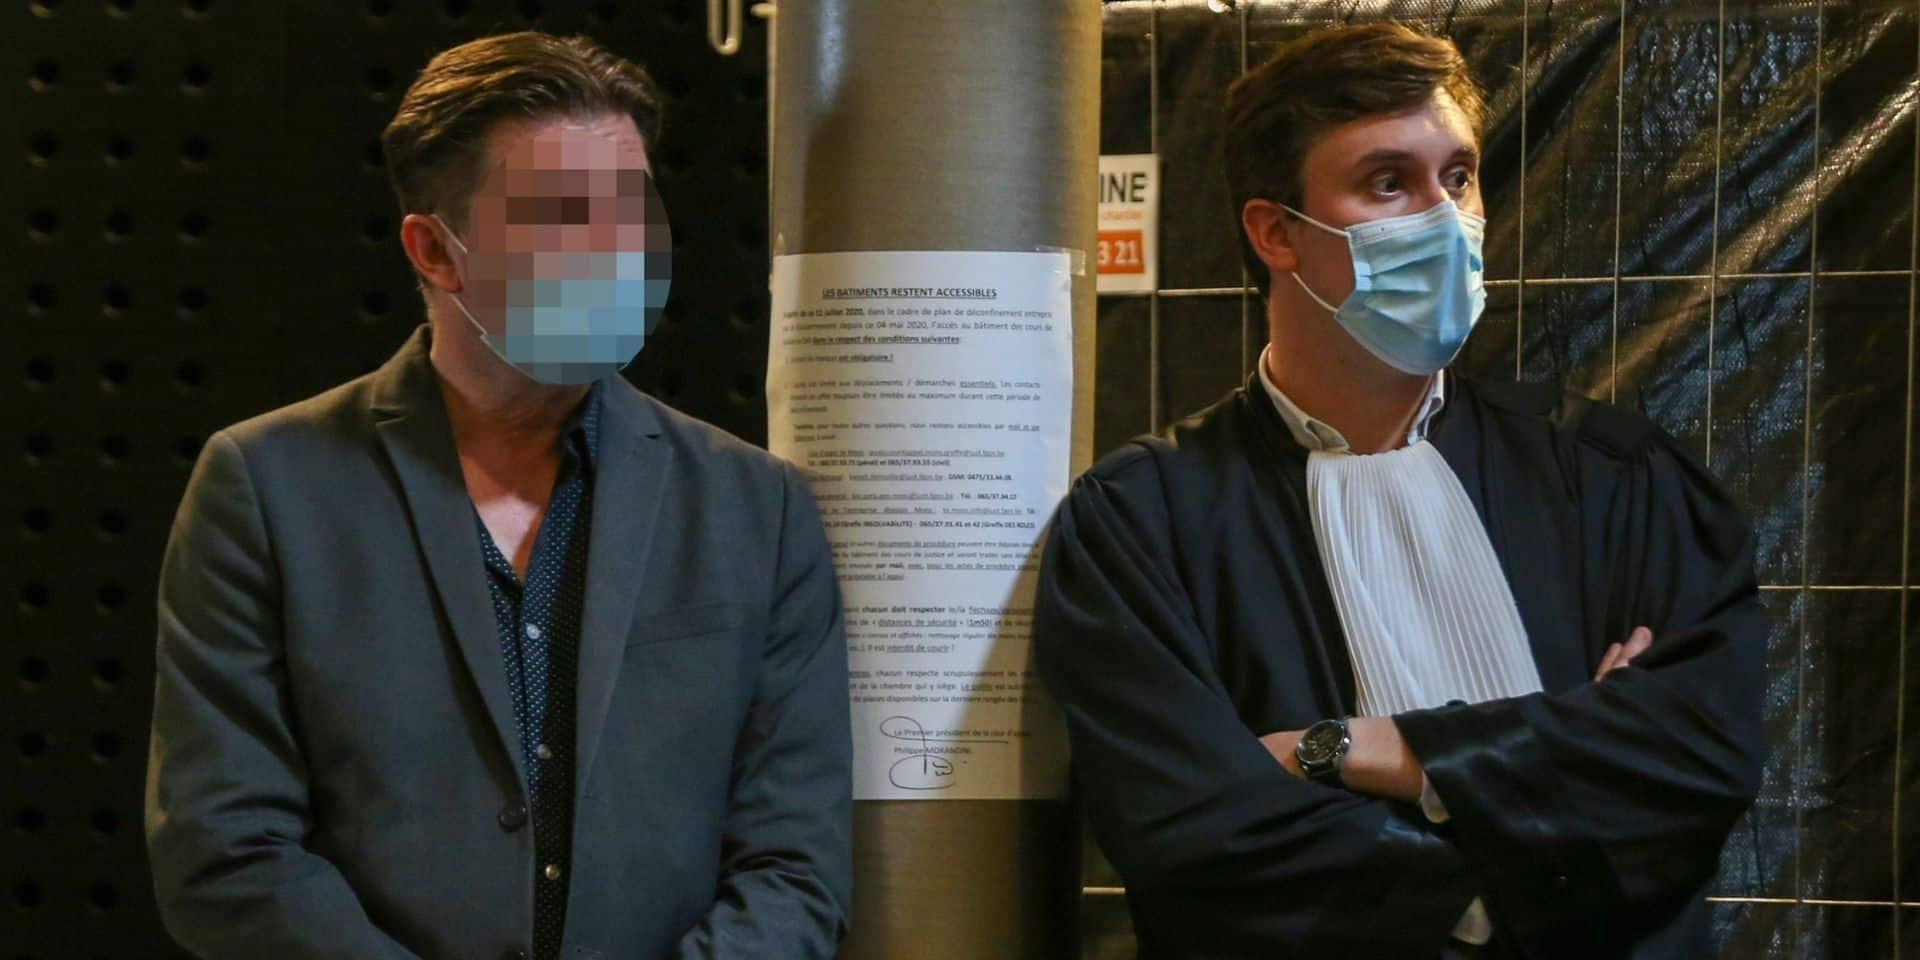 Assises Hainaut: La partie civile résume le dossier en trois mots : mensonge, manipulation et meurtre